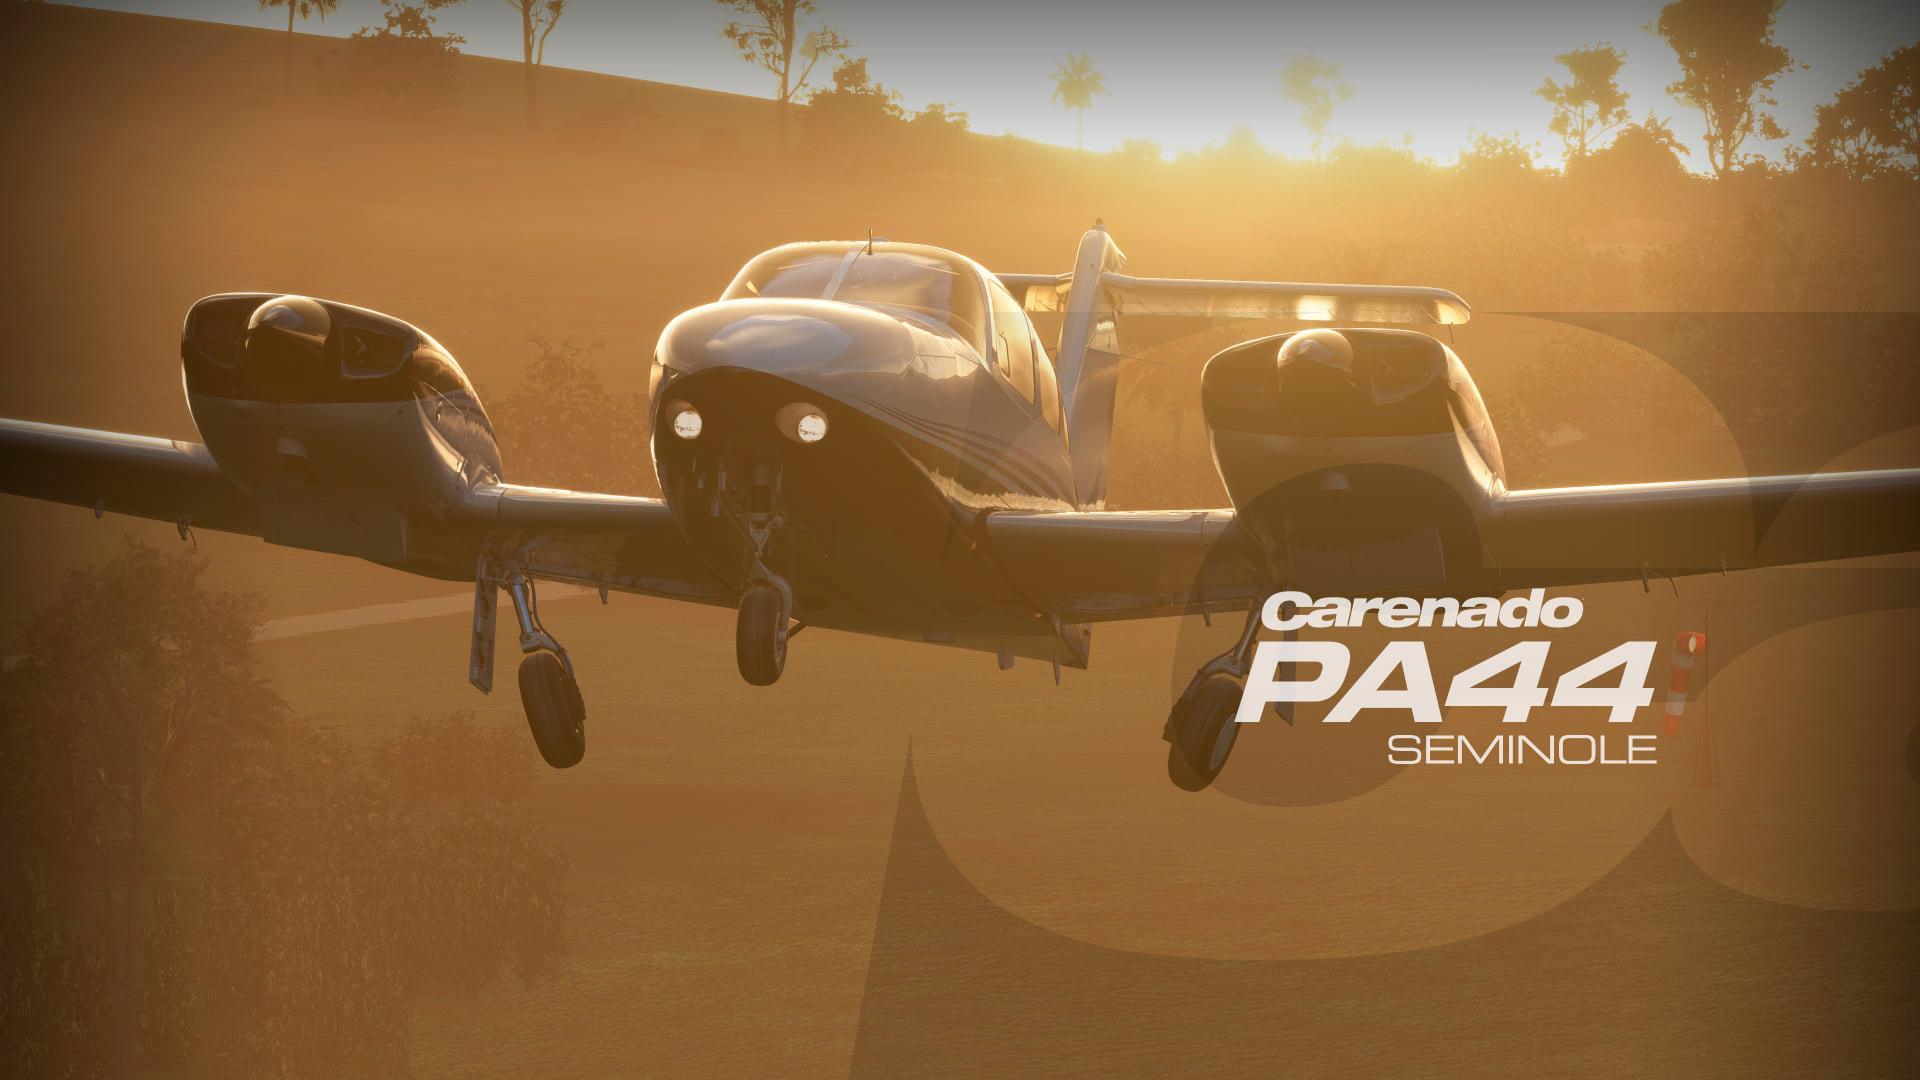 В Microsoft Flight Simulator появились знаменитые Bl riot XI и PA44 Seminole